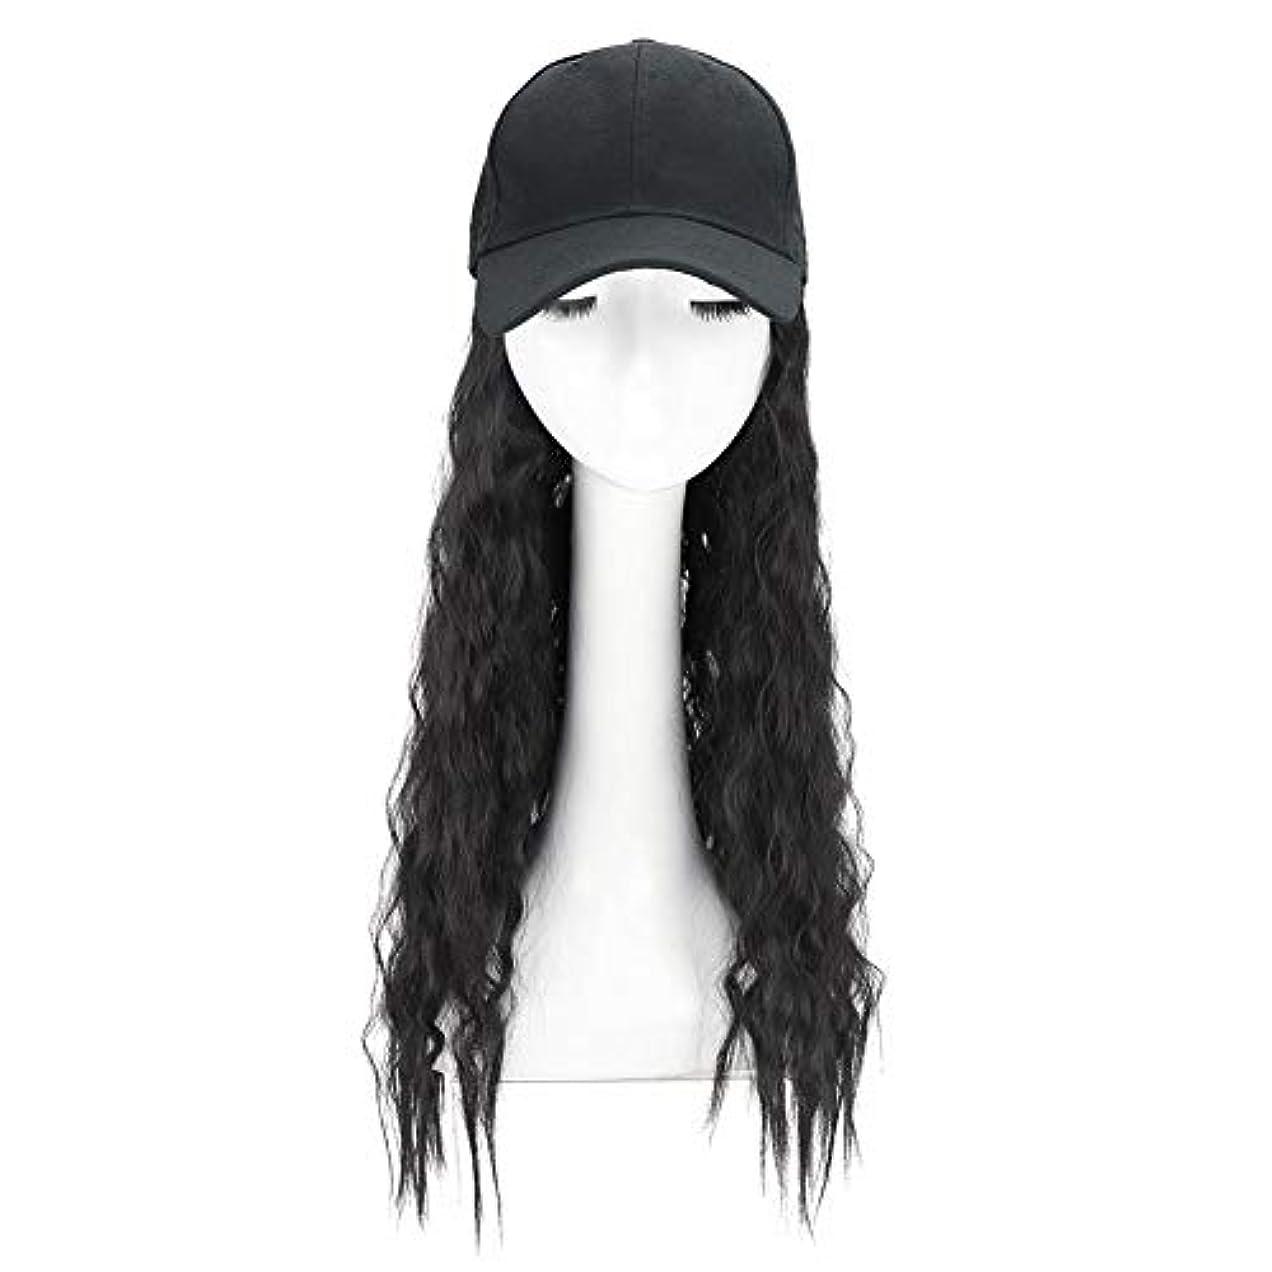 花婿ステッチ役職Brill(ブリーオ)帽子ロングカーリーウェーブ女性ファッション野球帽ブラックウィッグ